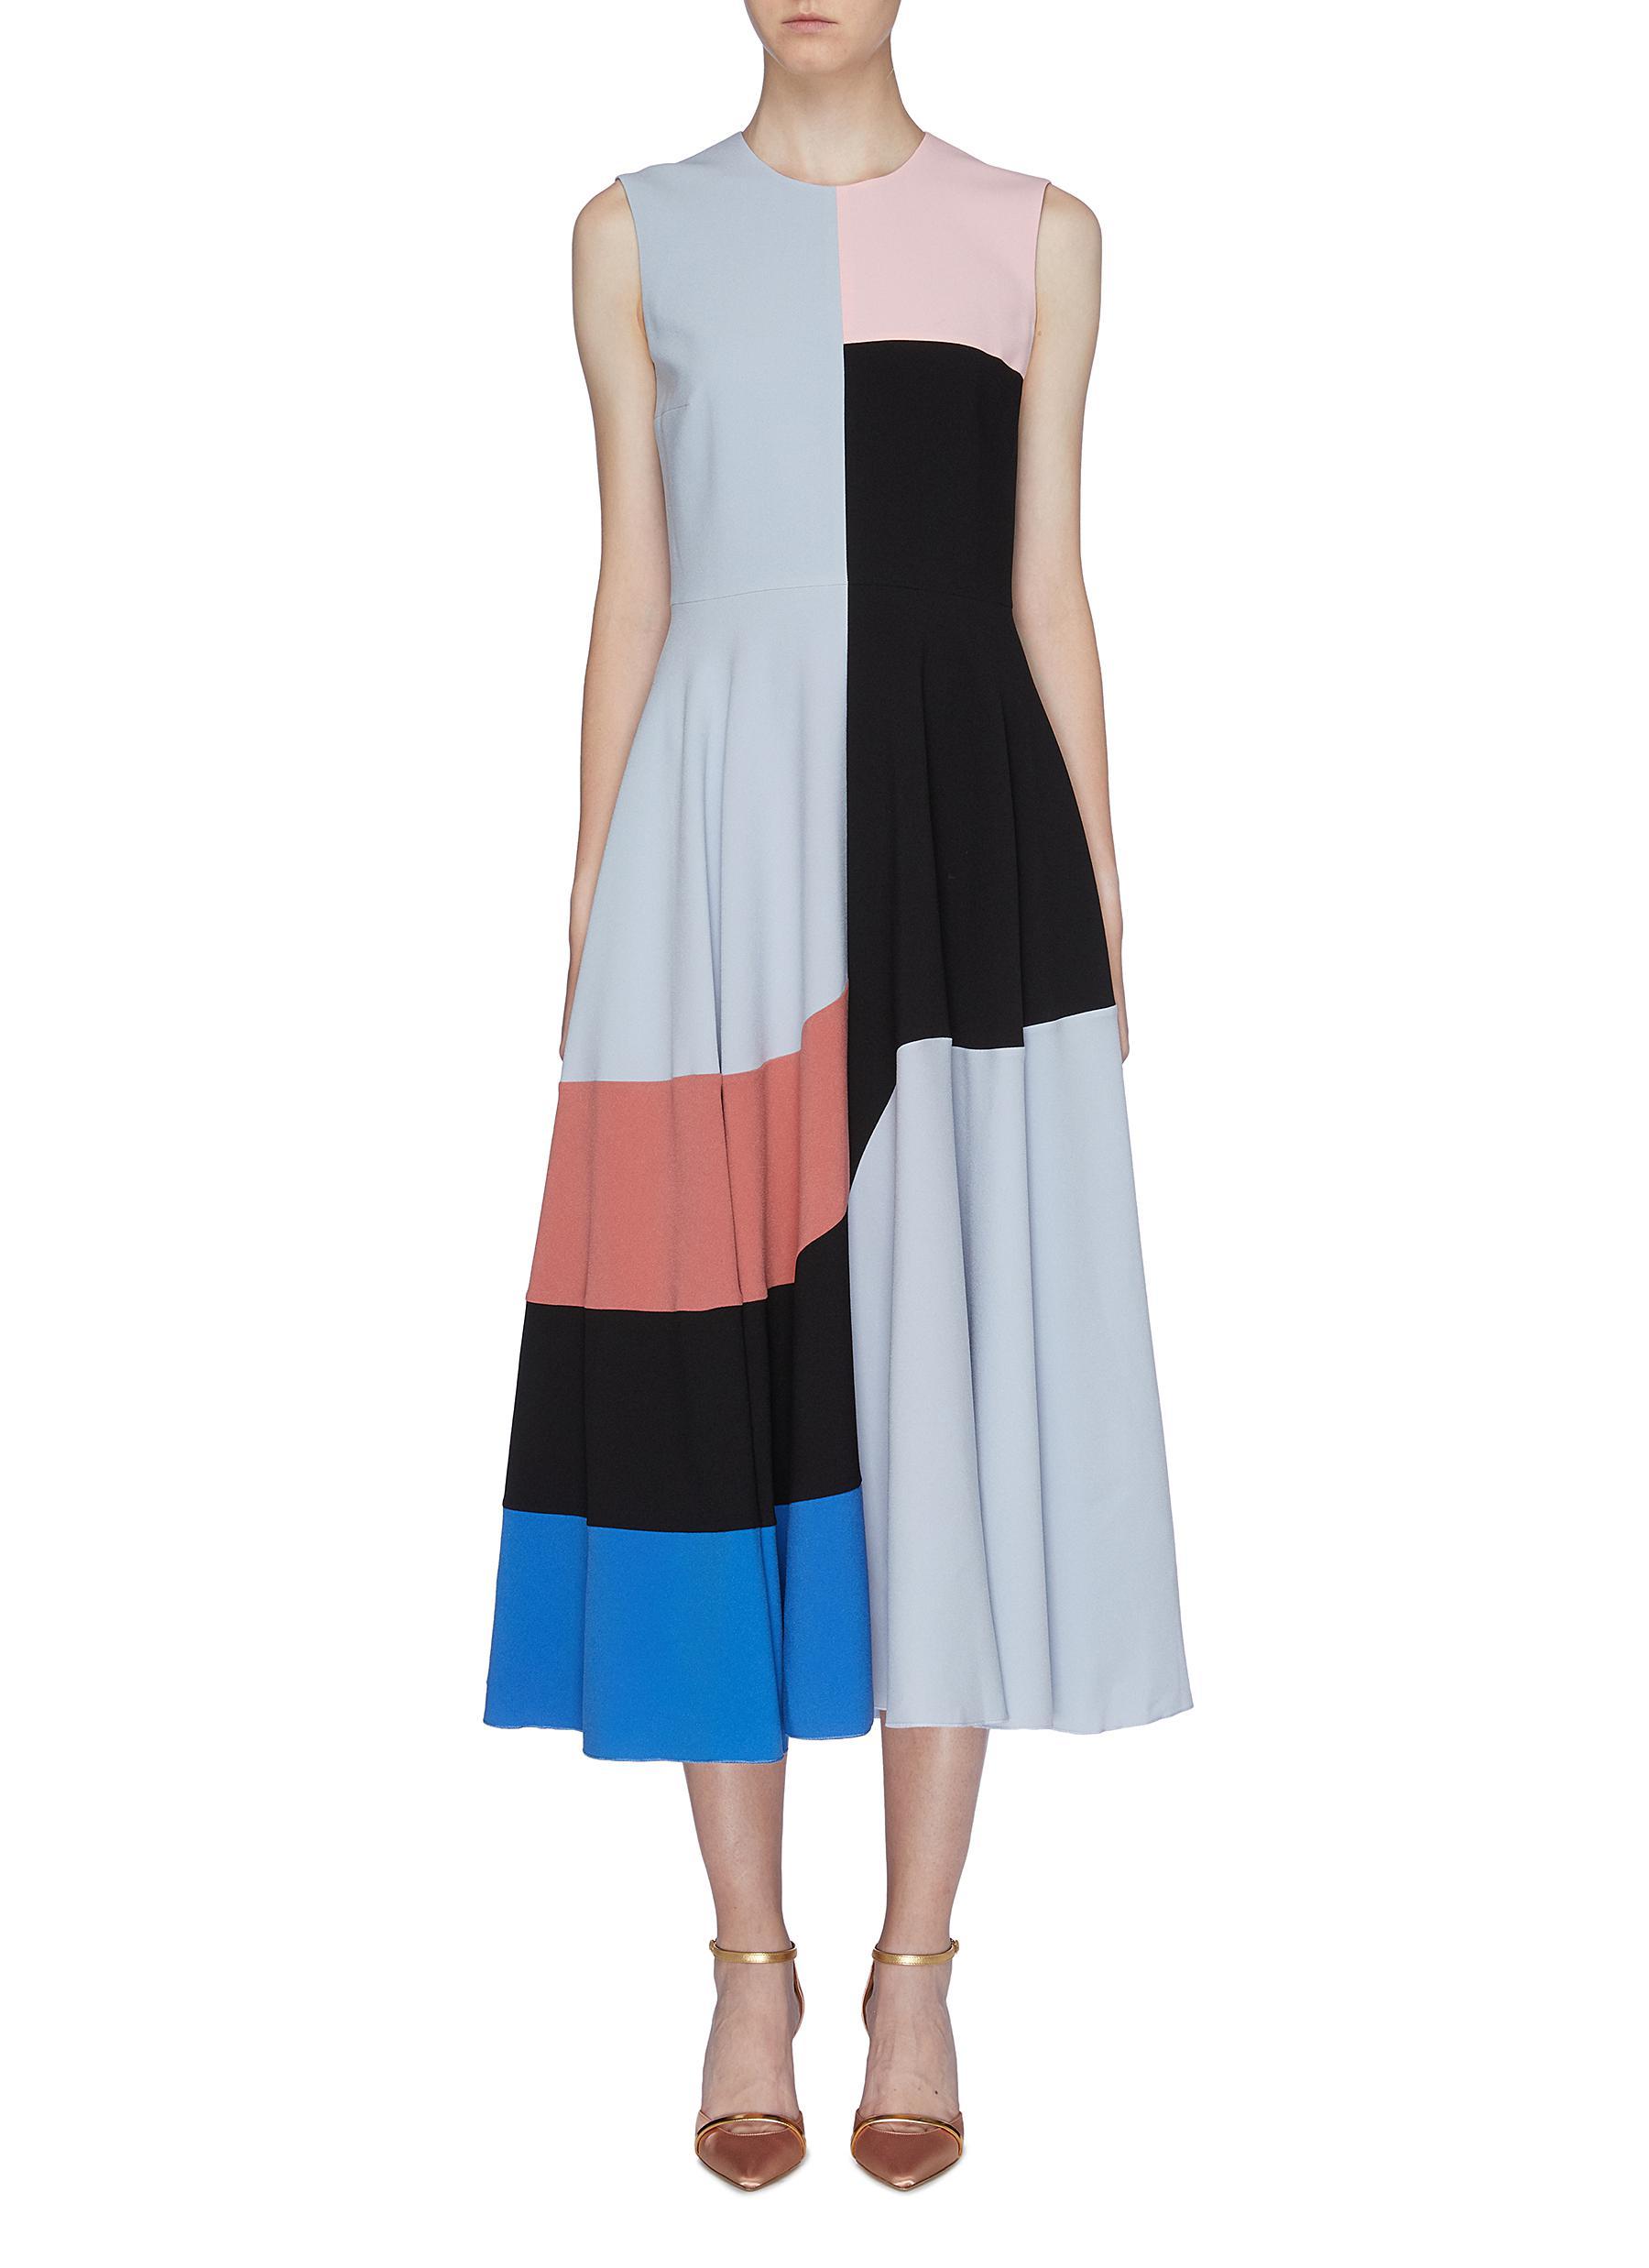 Joanna colourblock flared sleeveless dress by Roksanda